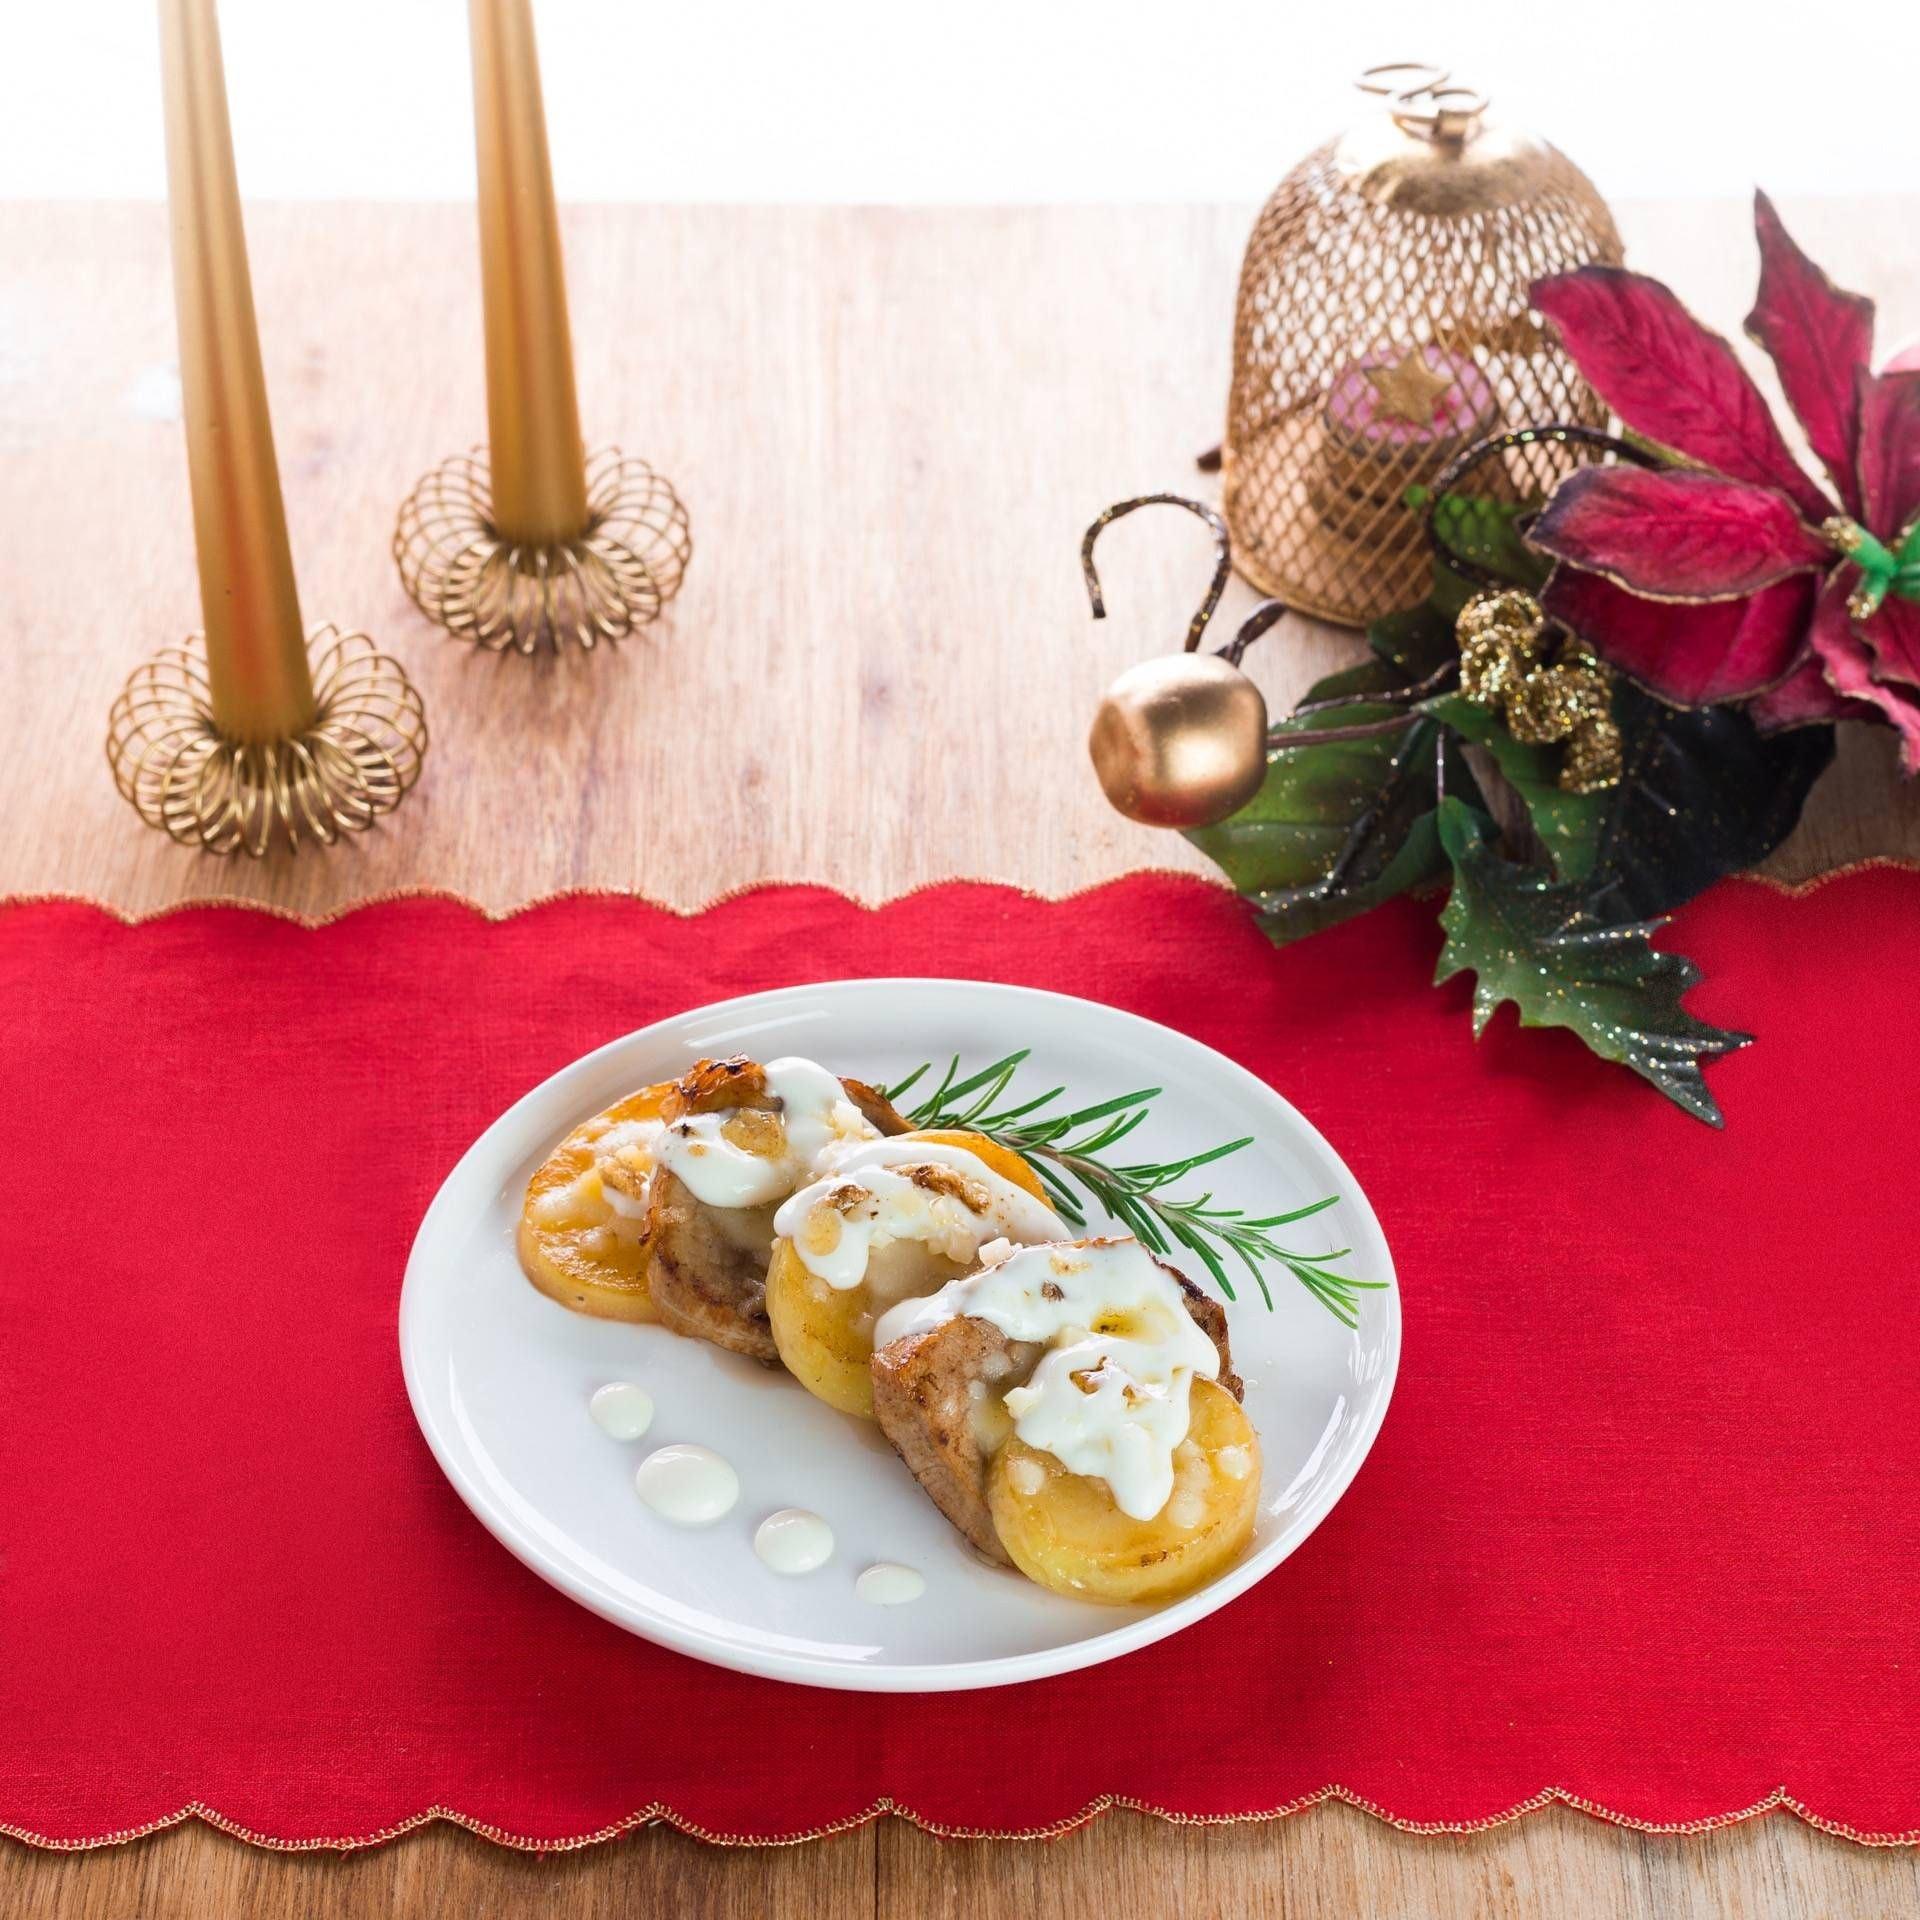 Girello di vitello con patate e besciamella - Parmalat